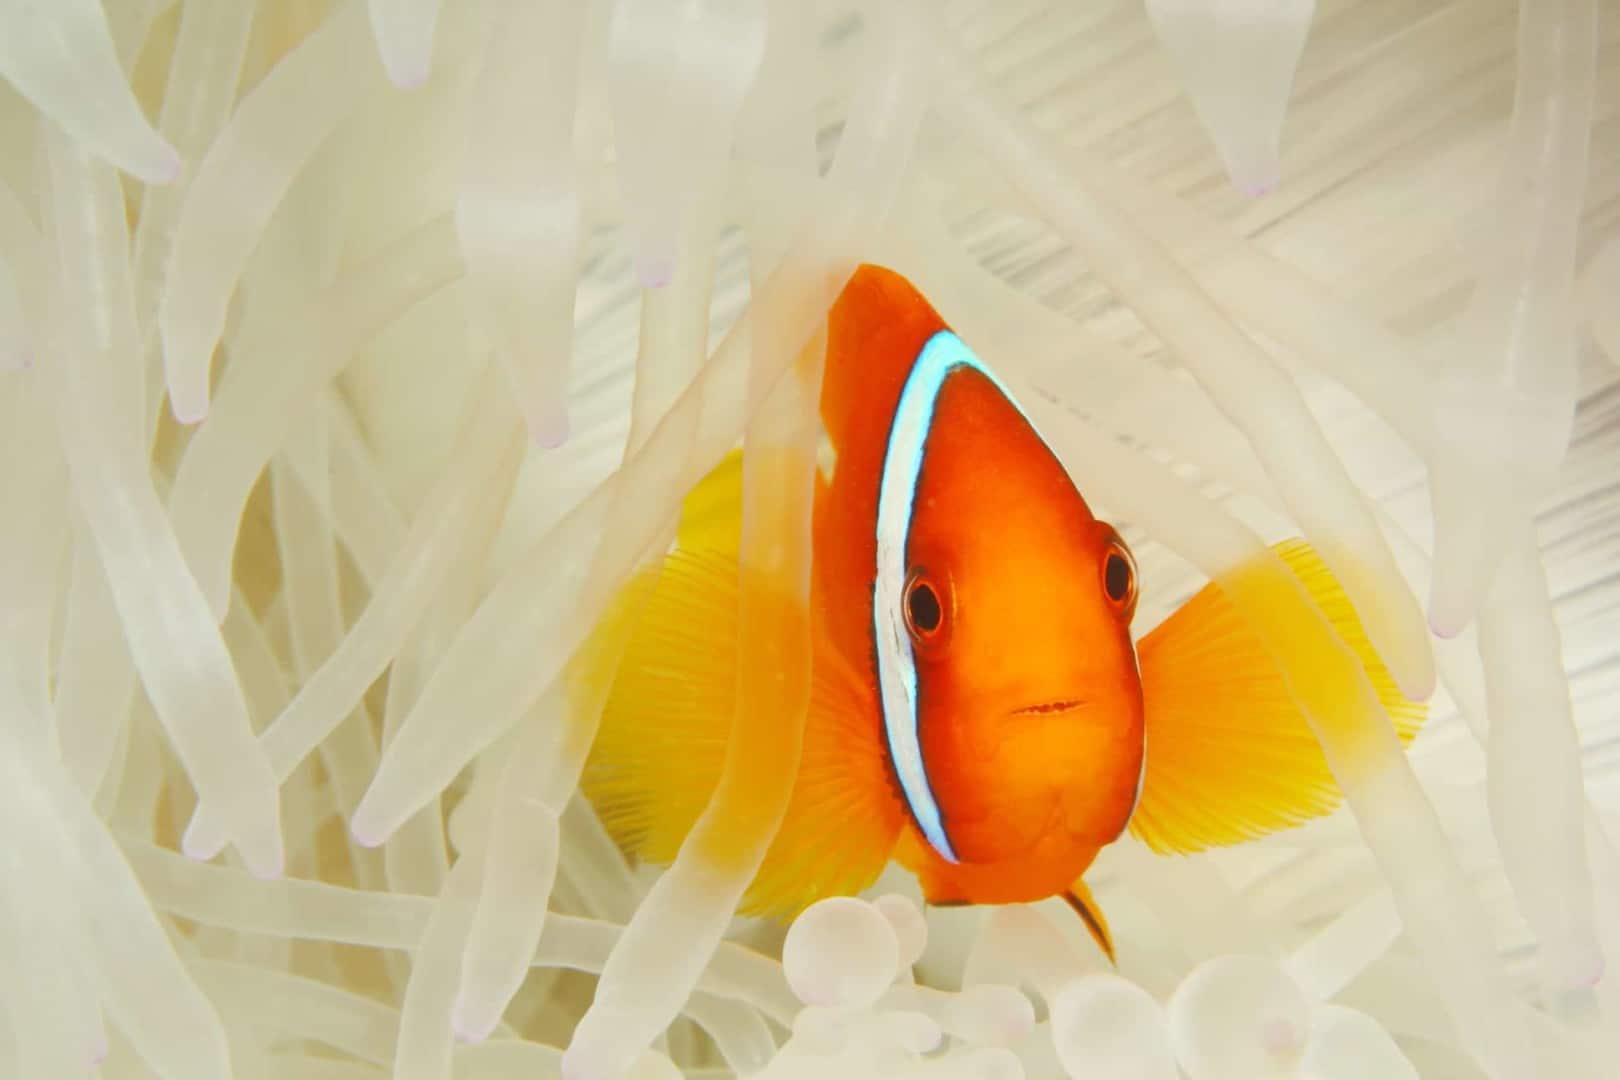 154 : Expeditionen zu den Biotopen der Aquarienfische Teil 2 (Heiko Blessin) 94